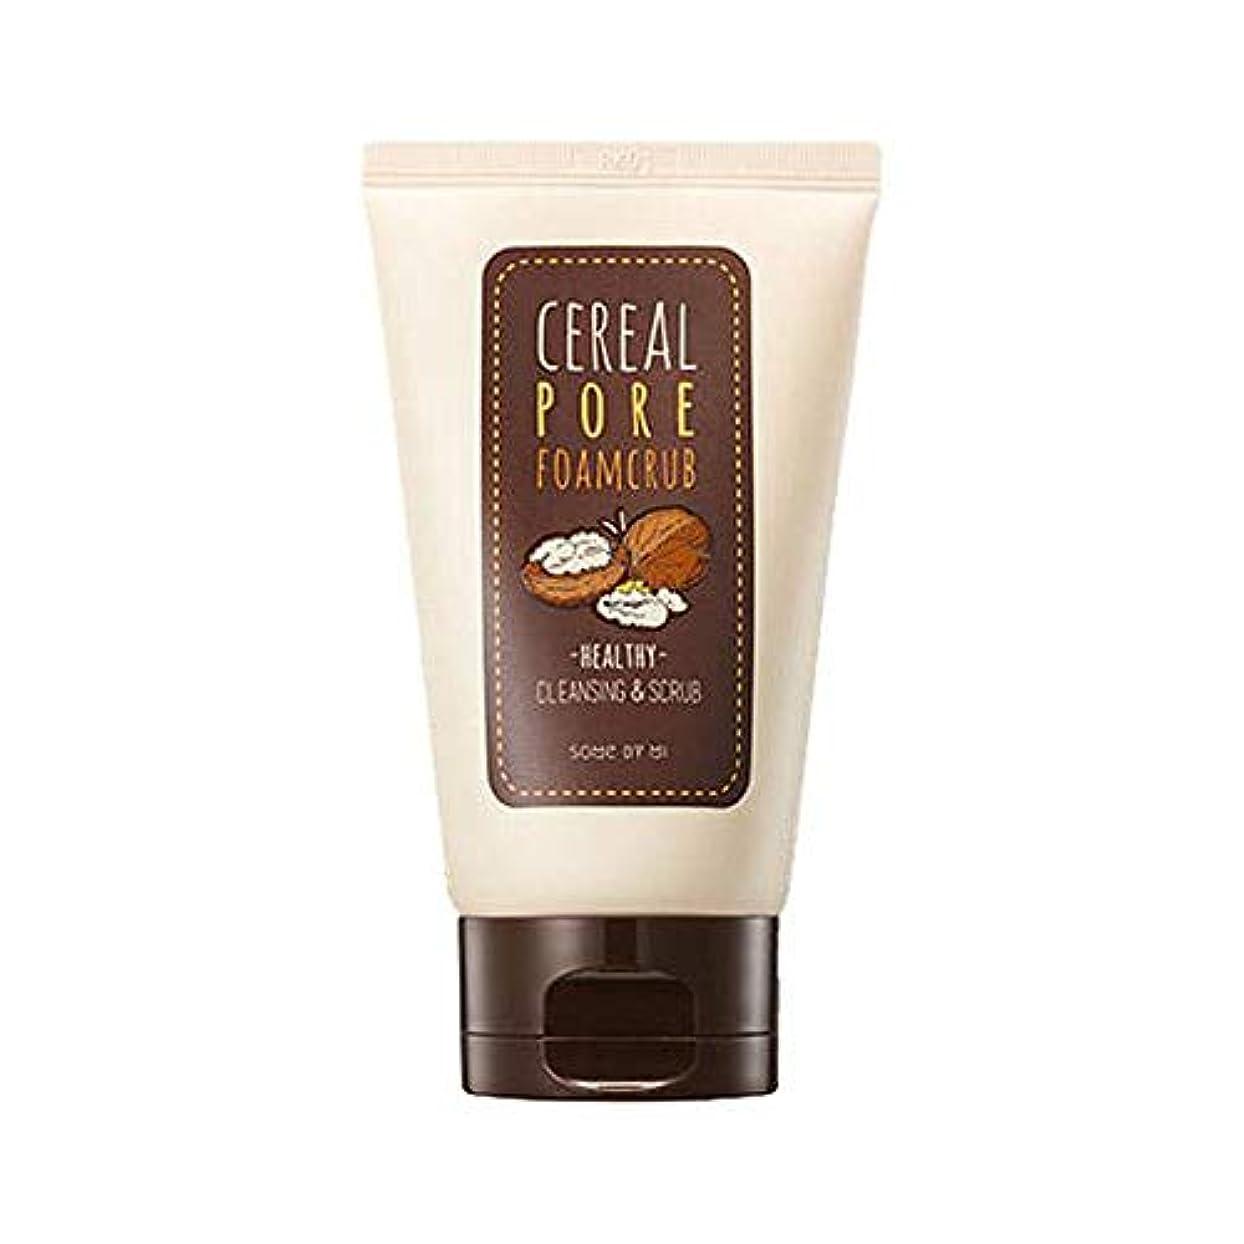 繁雑並外れて別々に[SOME BY MI/サムバイミー] Cereal Pore Foamcrub 100ml/シリアル ポア フォームクラブ 100ml スクラブ 洗顔フォーム [並行輸入品]